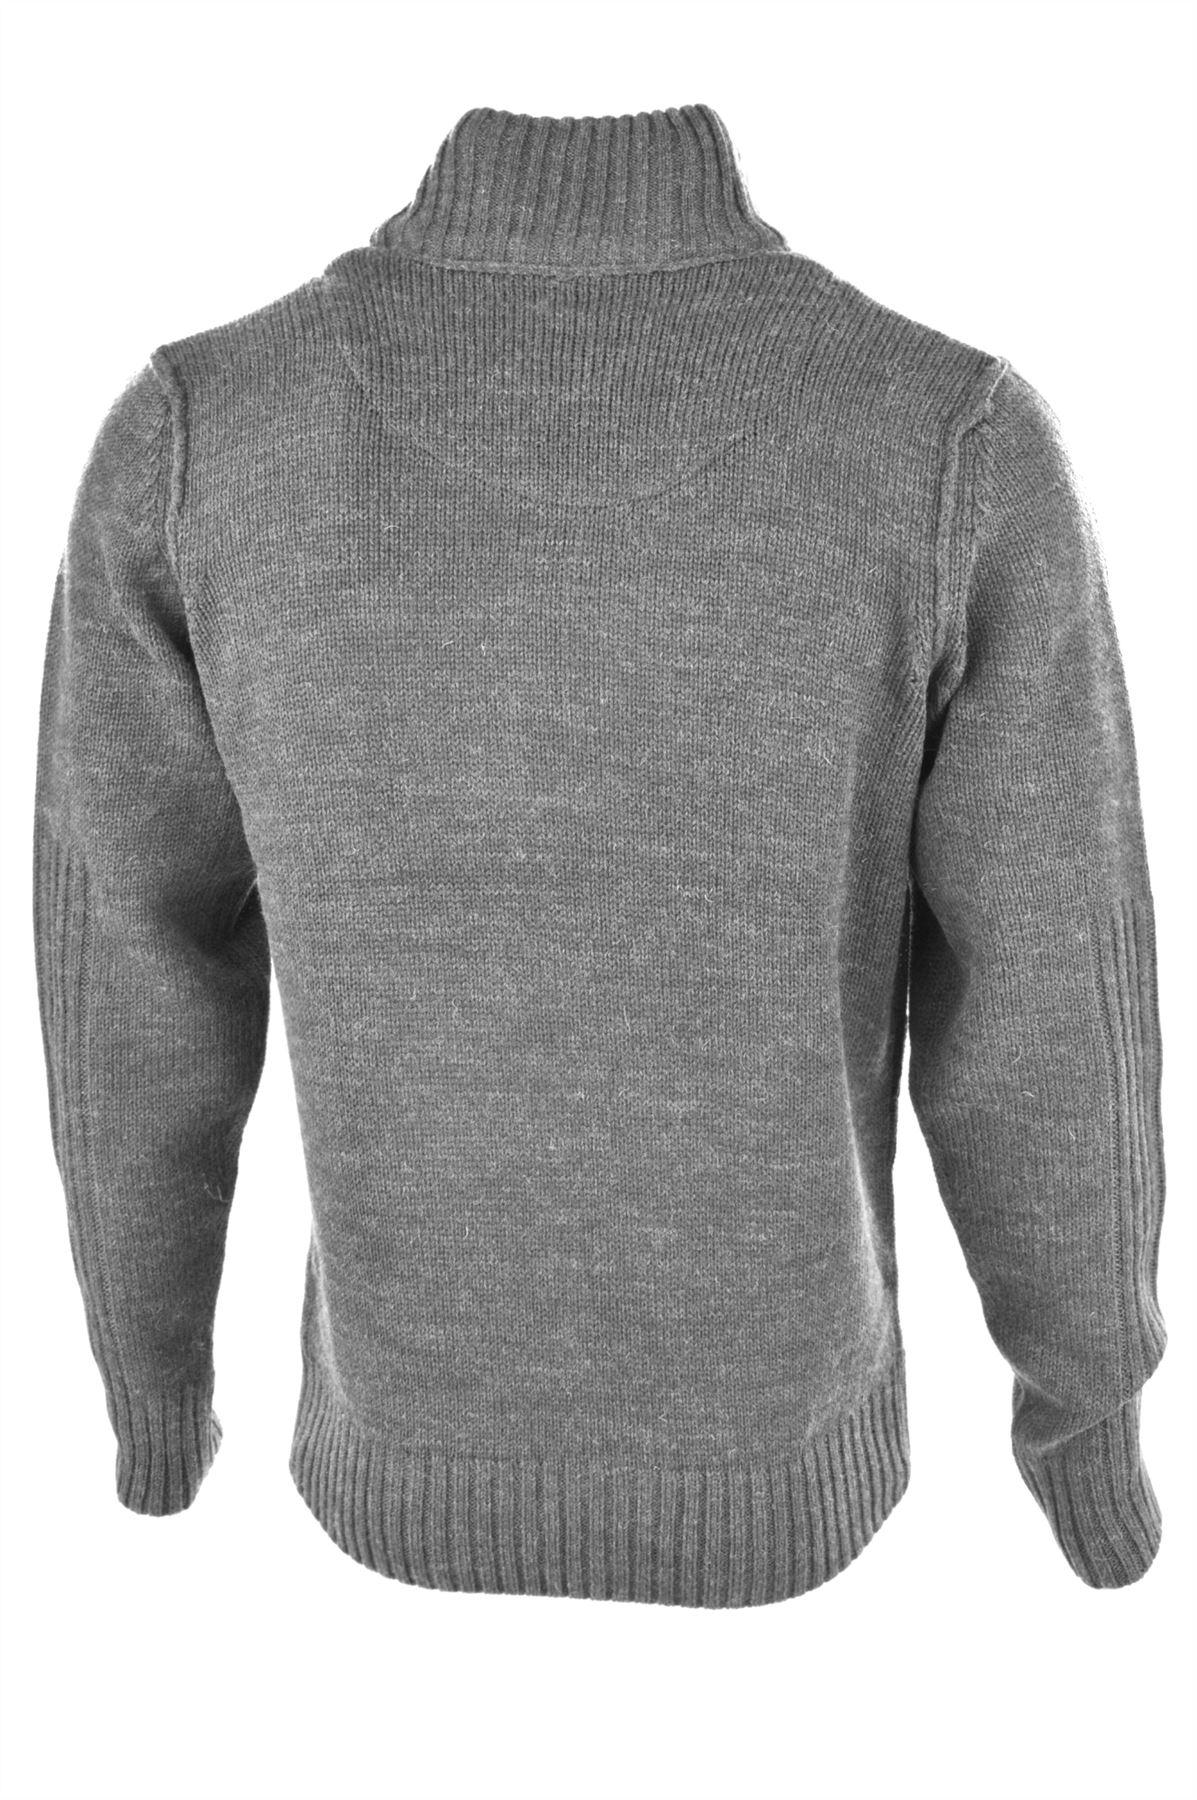 Kensington Dock Men's 'Someries' Funnel Neck Knitwear Sweatshirt Jumper